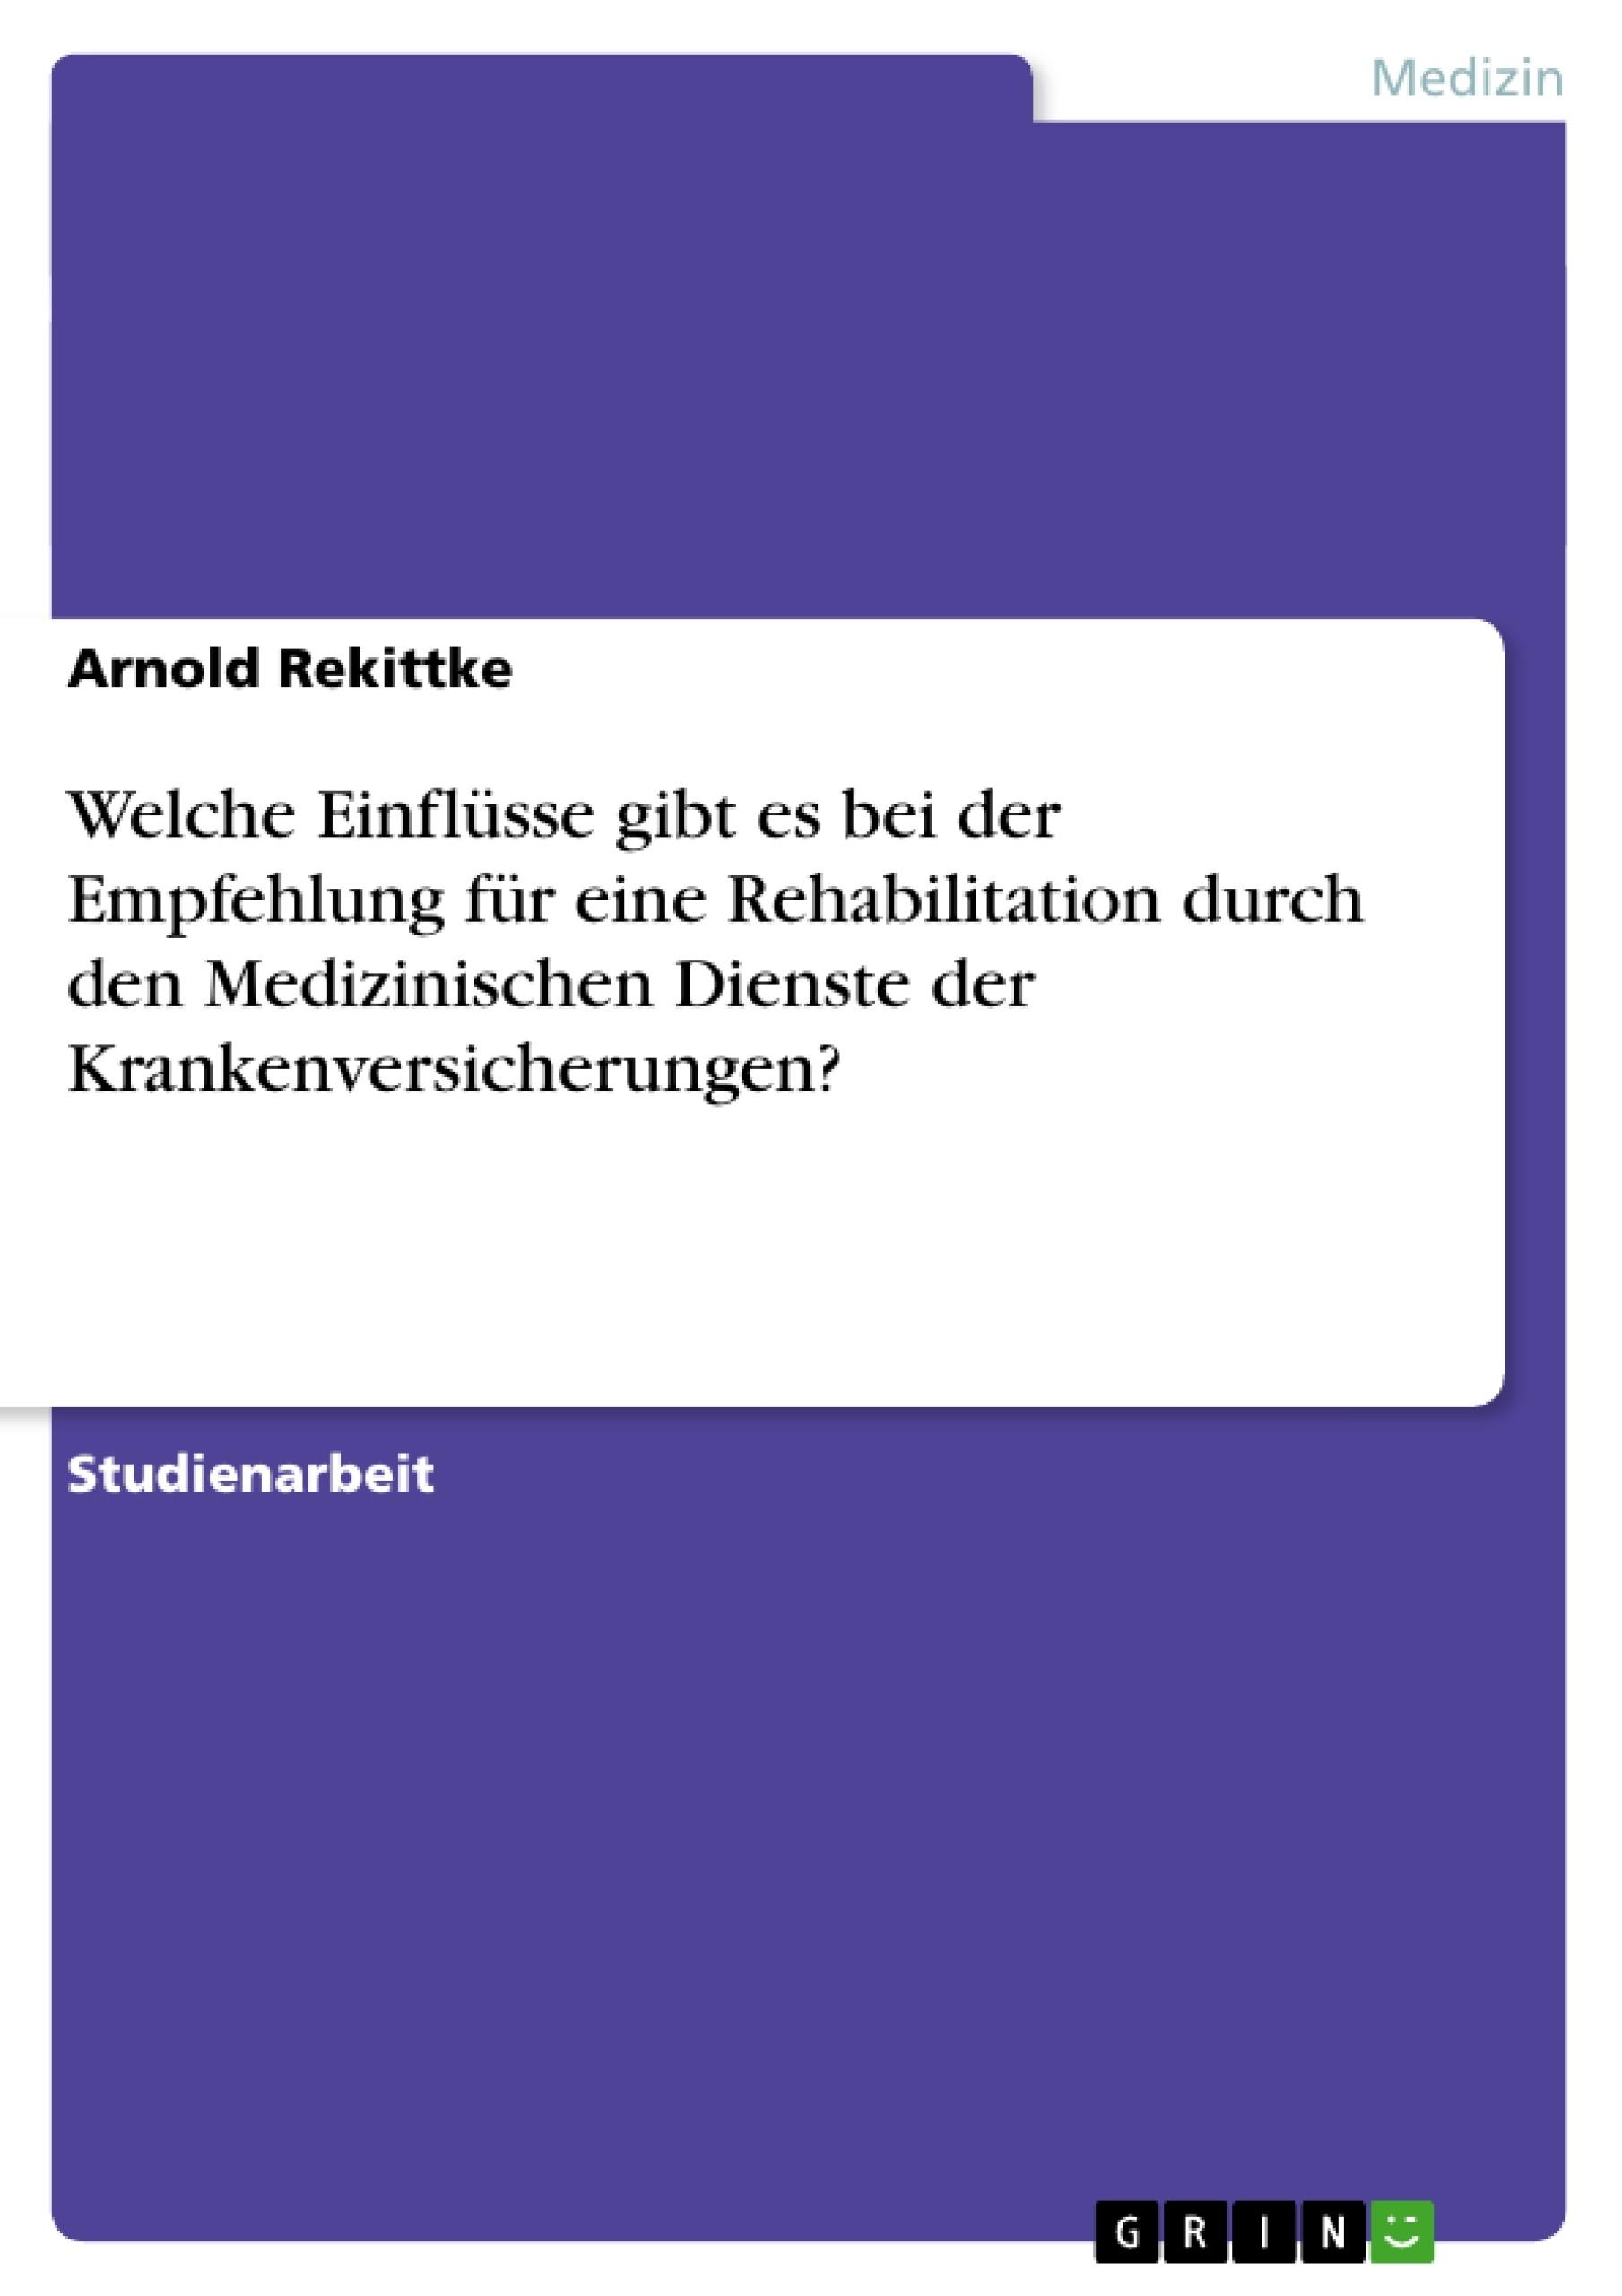 Titel: Welche Einflüsse gibt es bei der Empfehlung für eine Rehabilitation durch den Medizinischen Dienste der Krankenversicherungen?